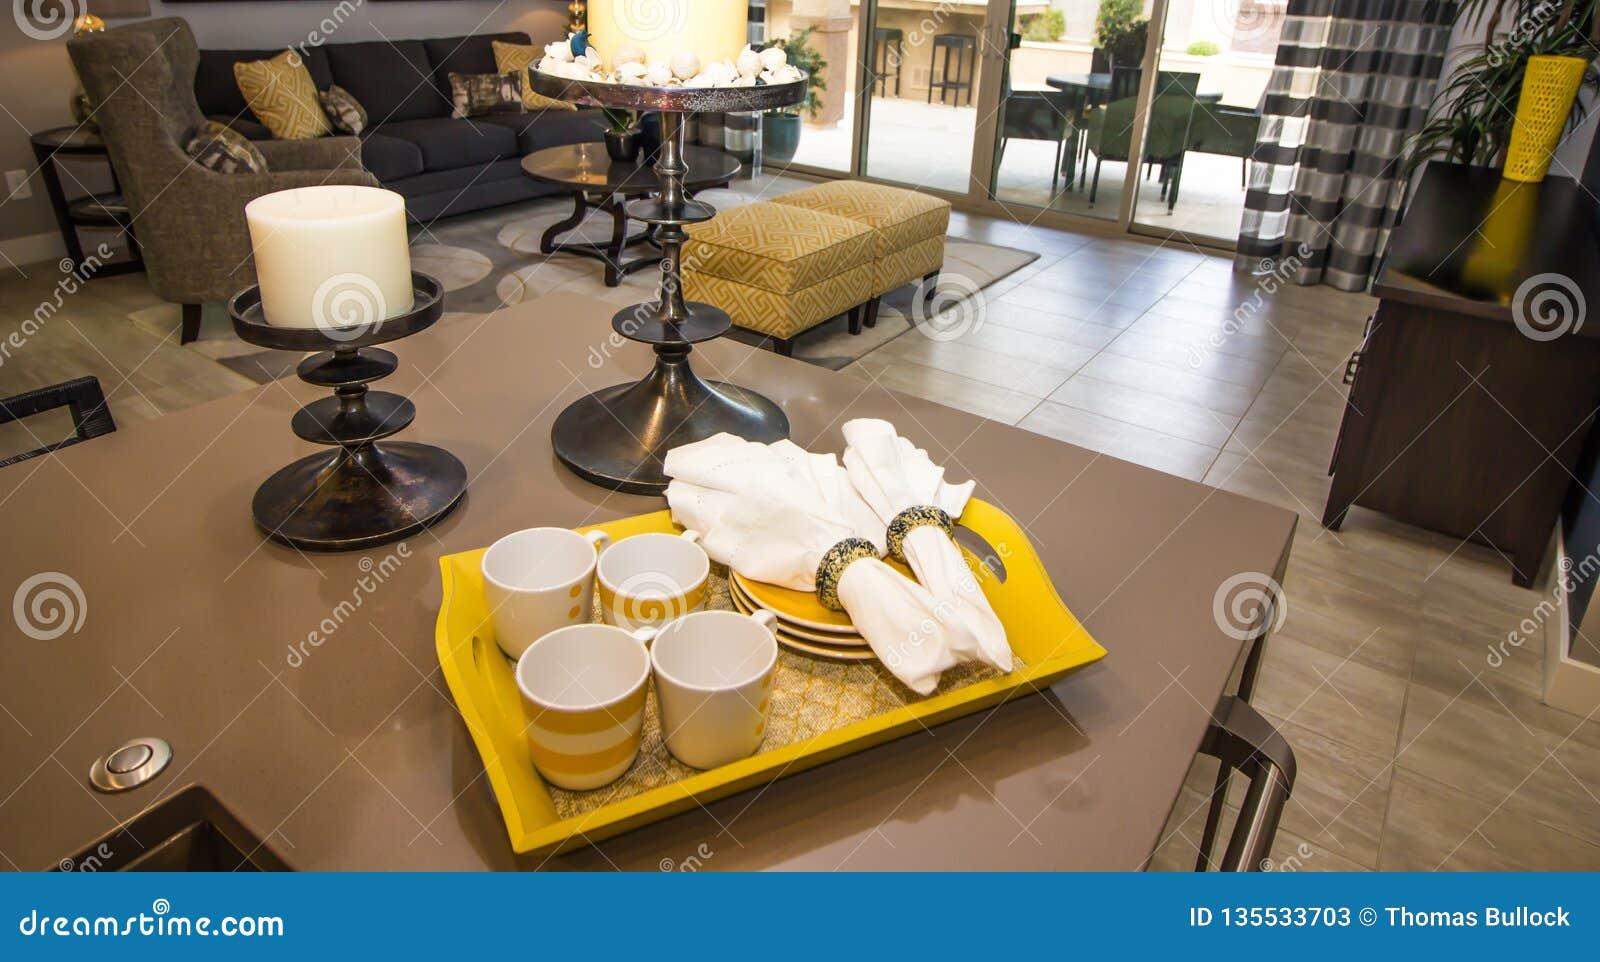 Tray Of Coffee Cups, Platten und Servietten auf Küchenarbeitsplatte